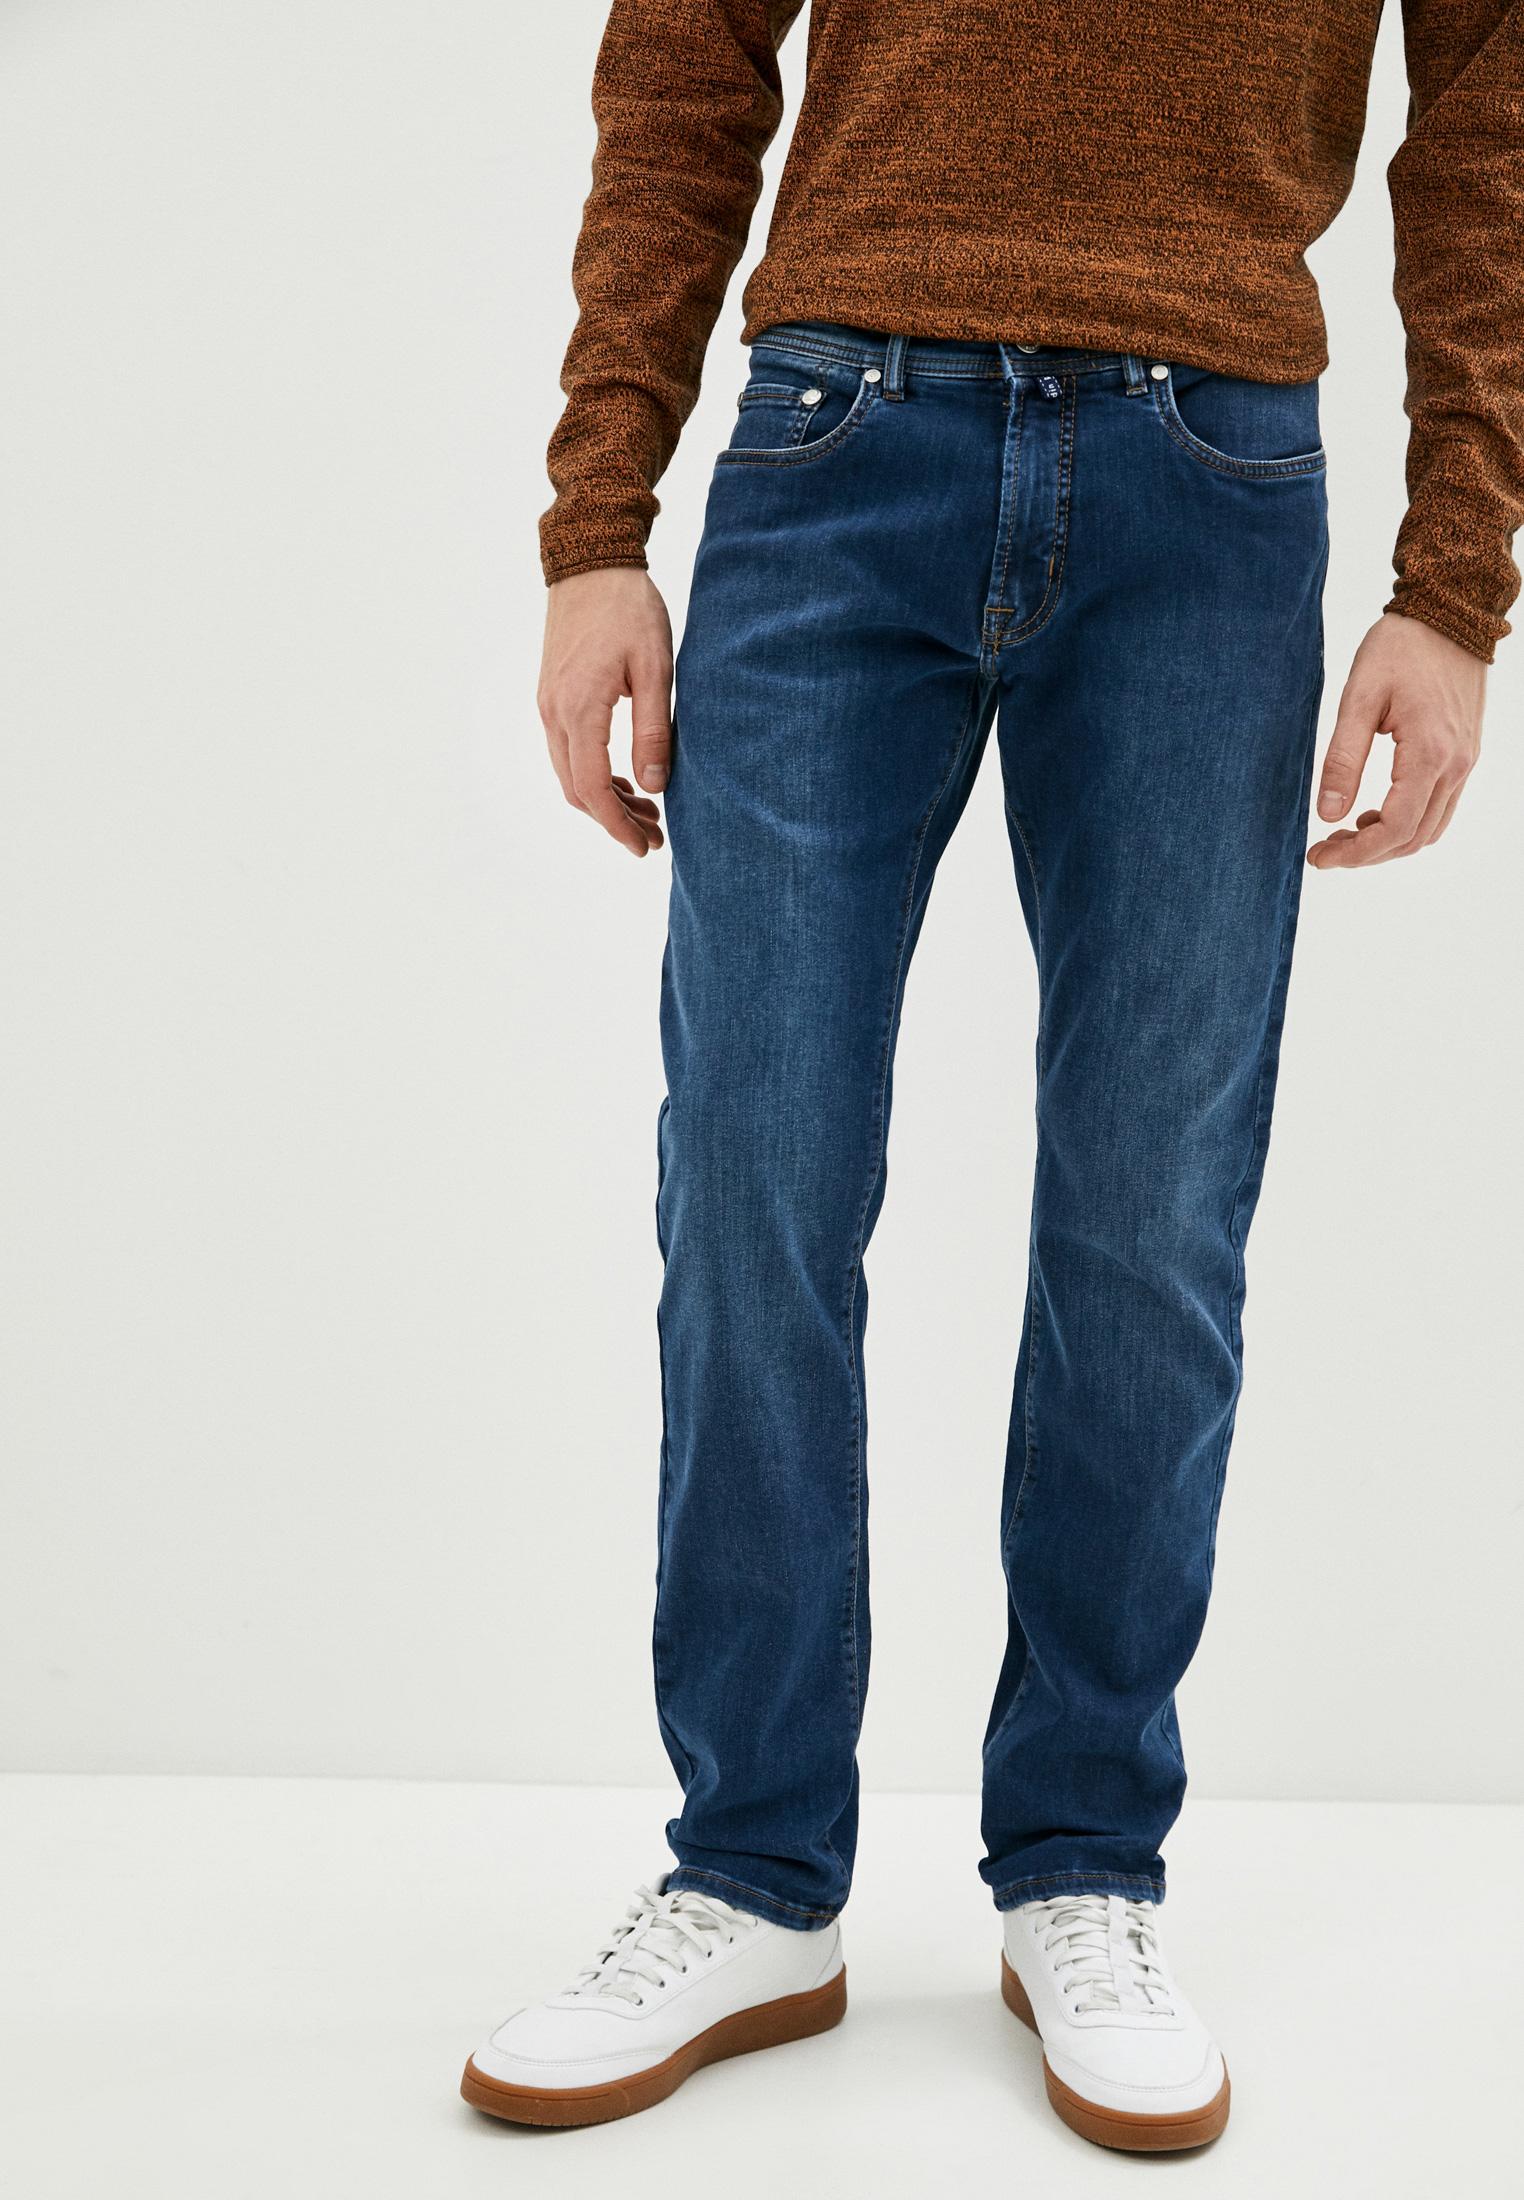 Мужские прямые джинсы Pierre Cardin (Пьер Кардин) 3091-5.7701.04